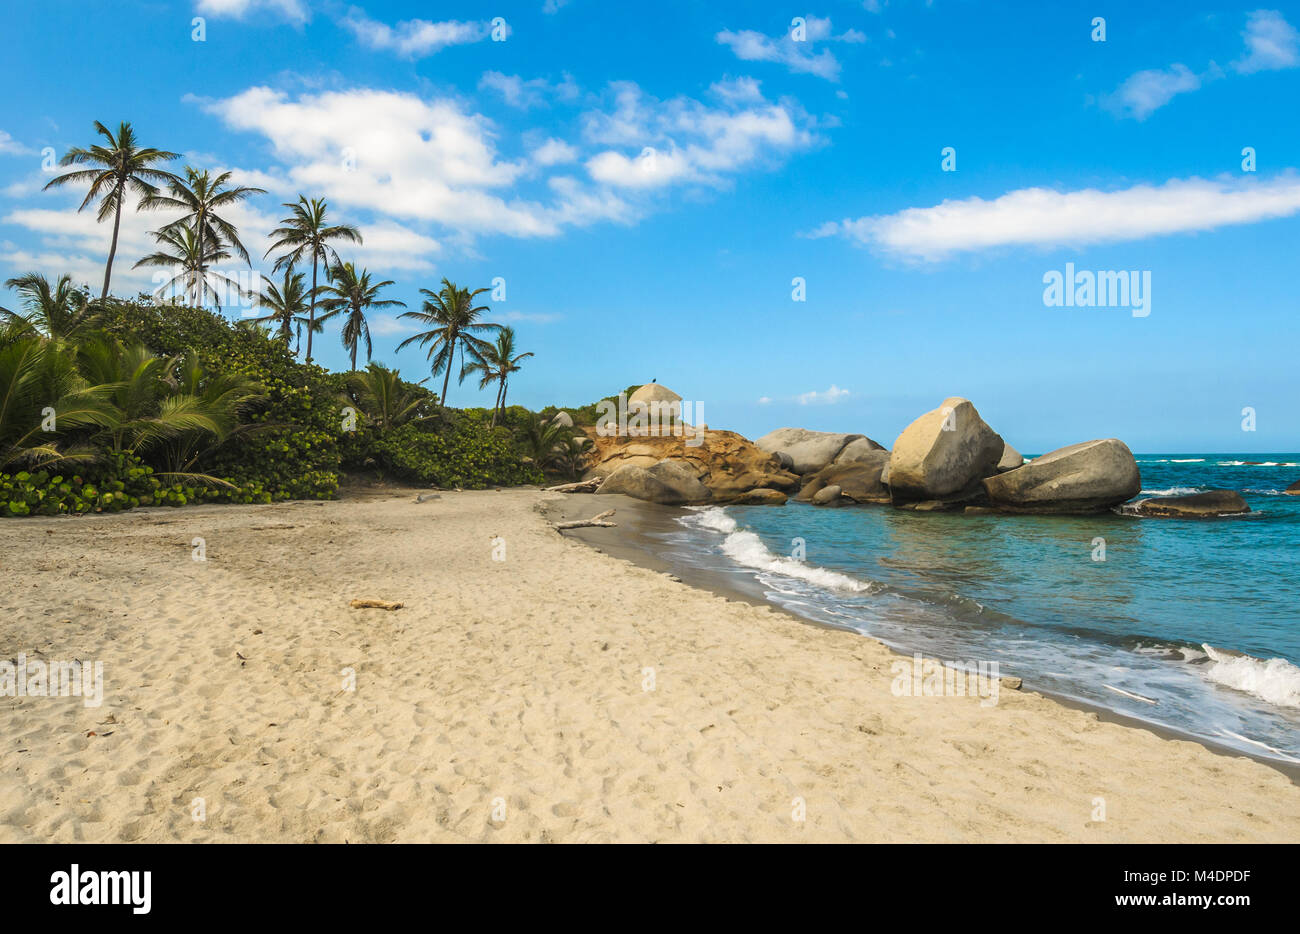 Arrecifes Beach, il Parco nazionale Tayrona, Colombia Immagini Stock